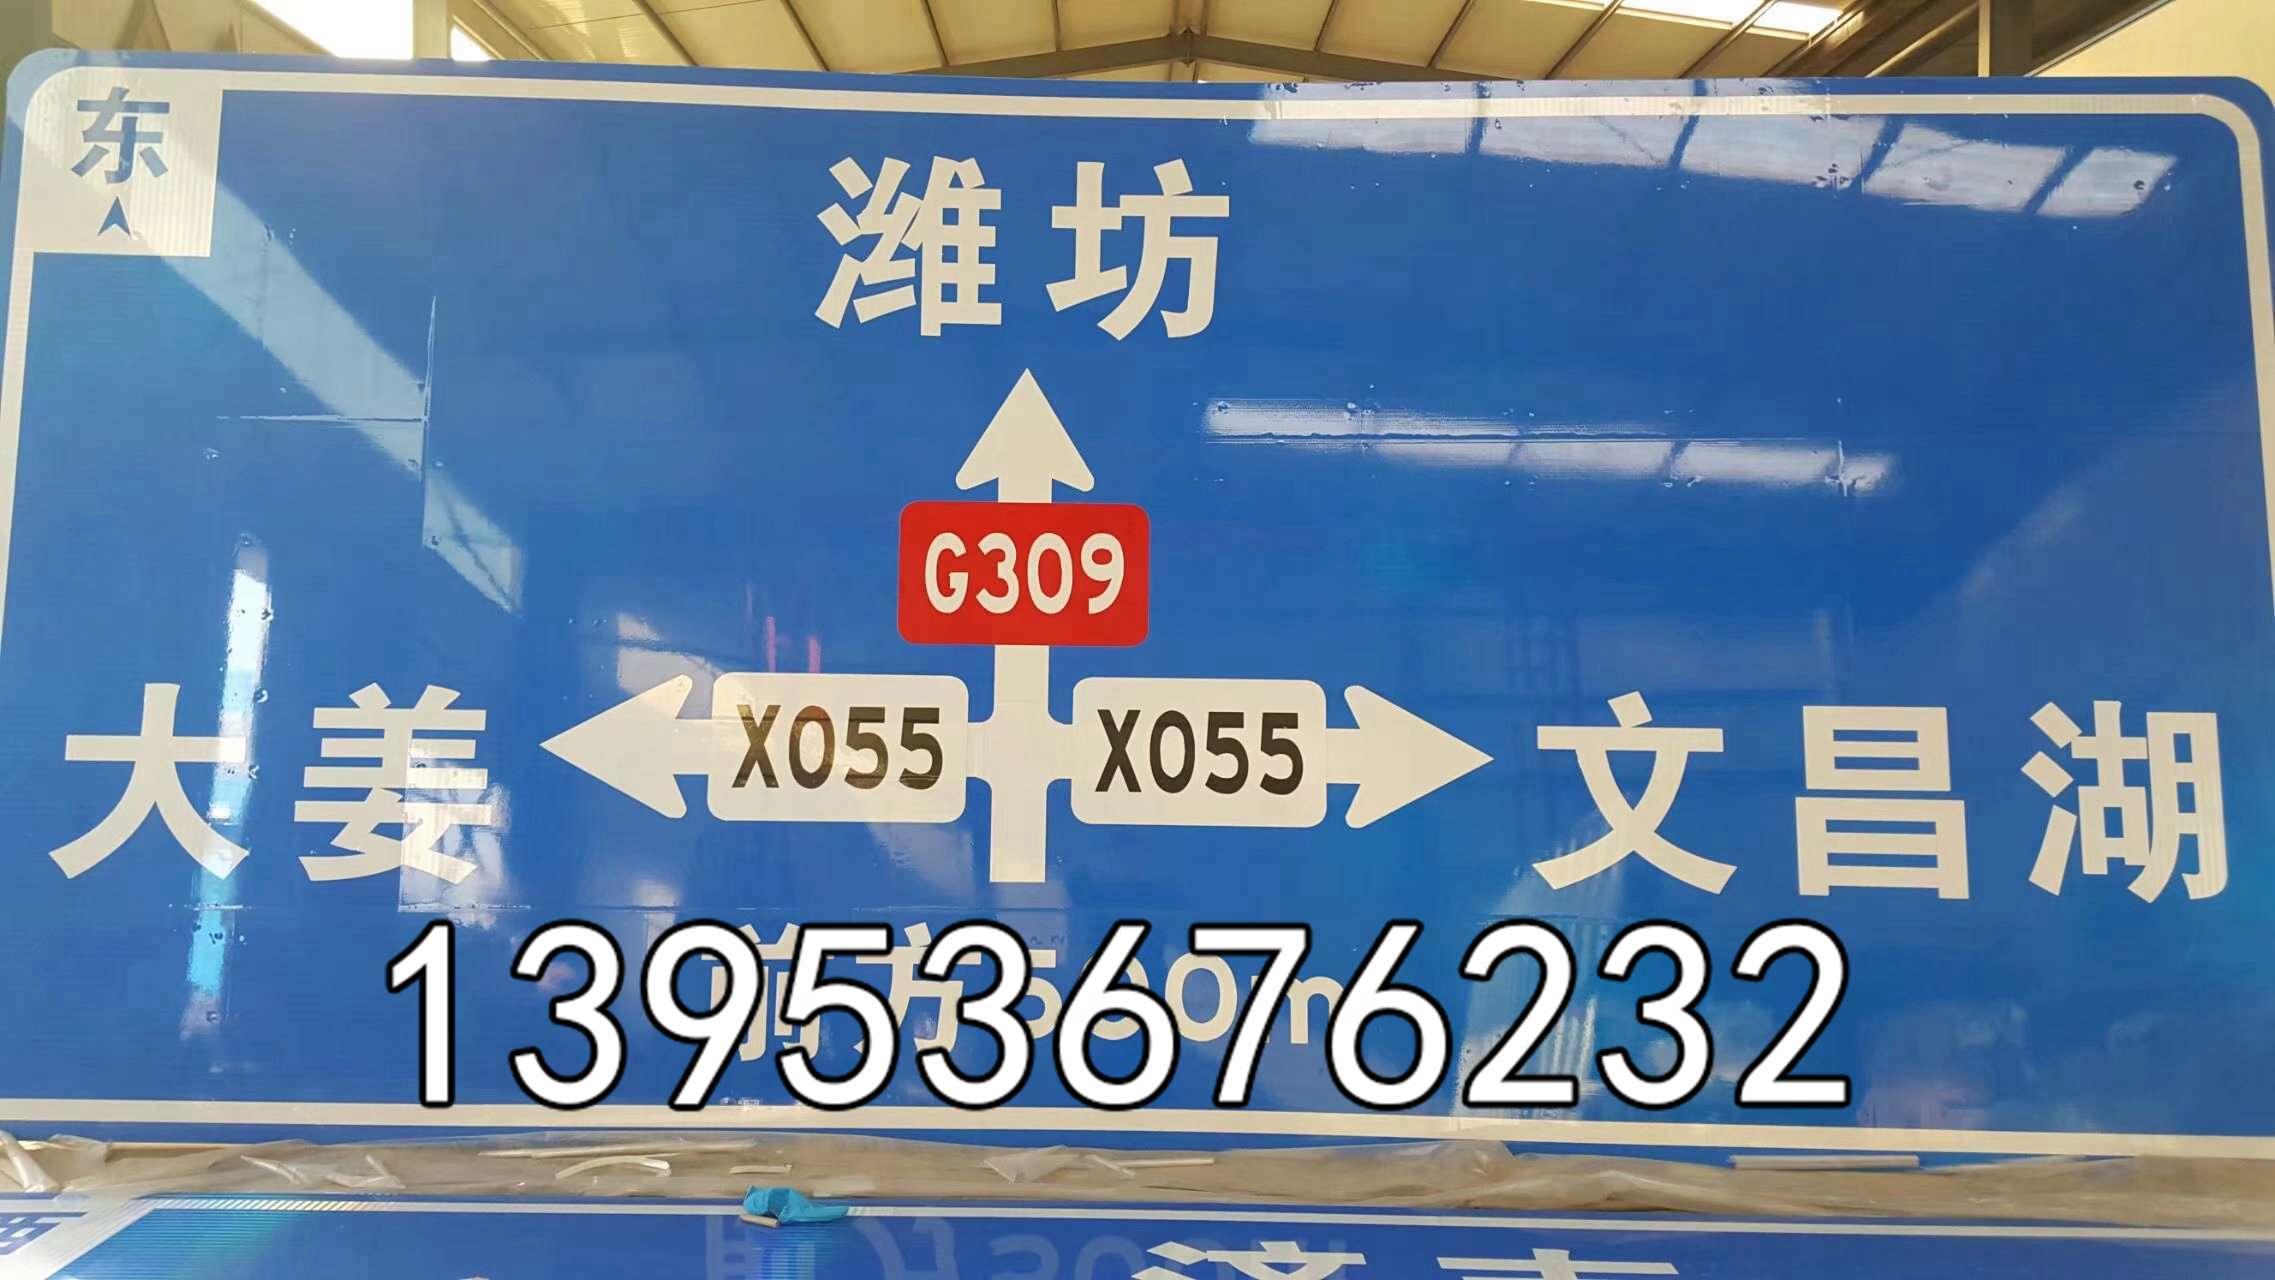 【您好】潍坊交通标志牌哪里找 潍坊标识牌 潍坊交通标志牌